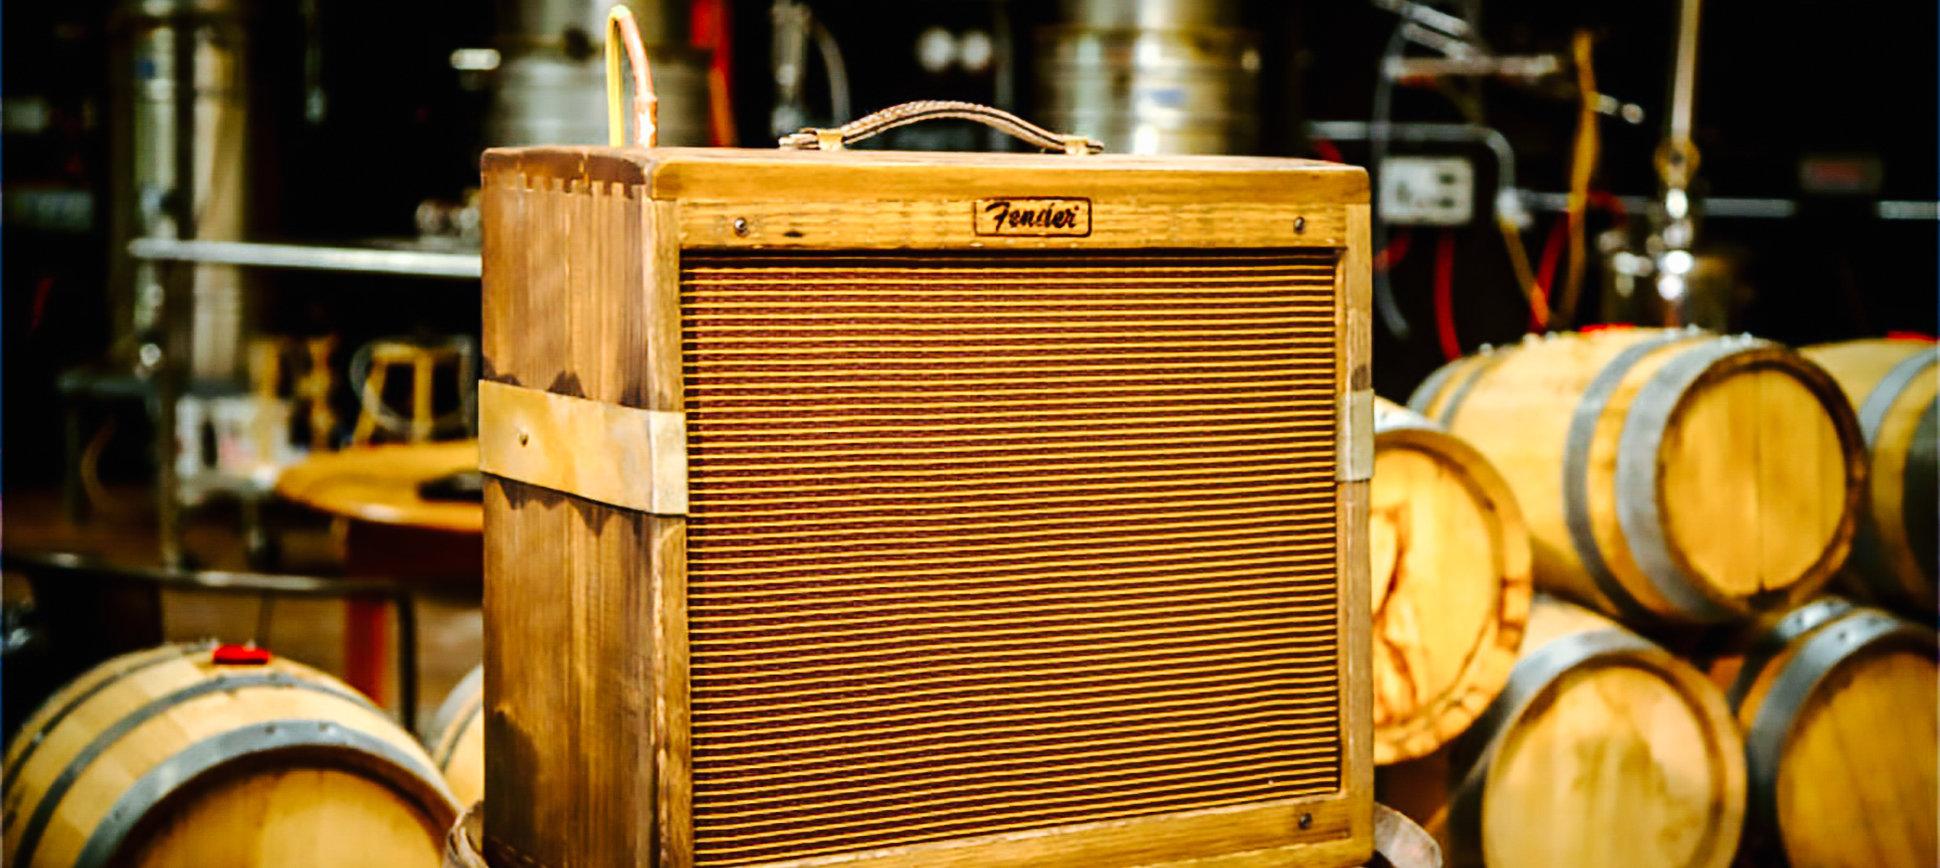 fender-80-proof-blues-junior-amplifier-tonneau-whisky-home